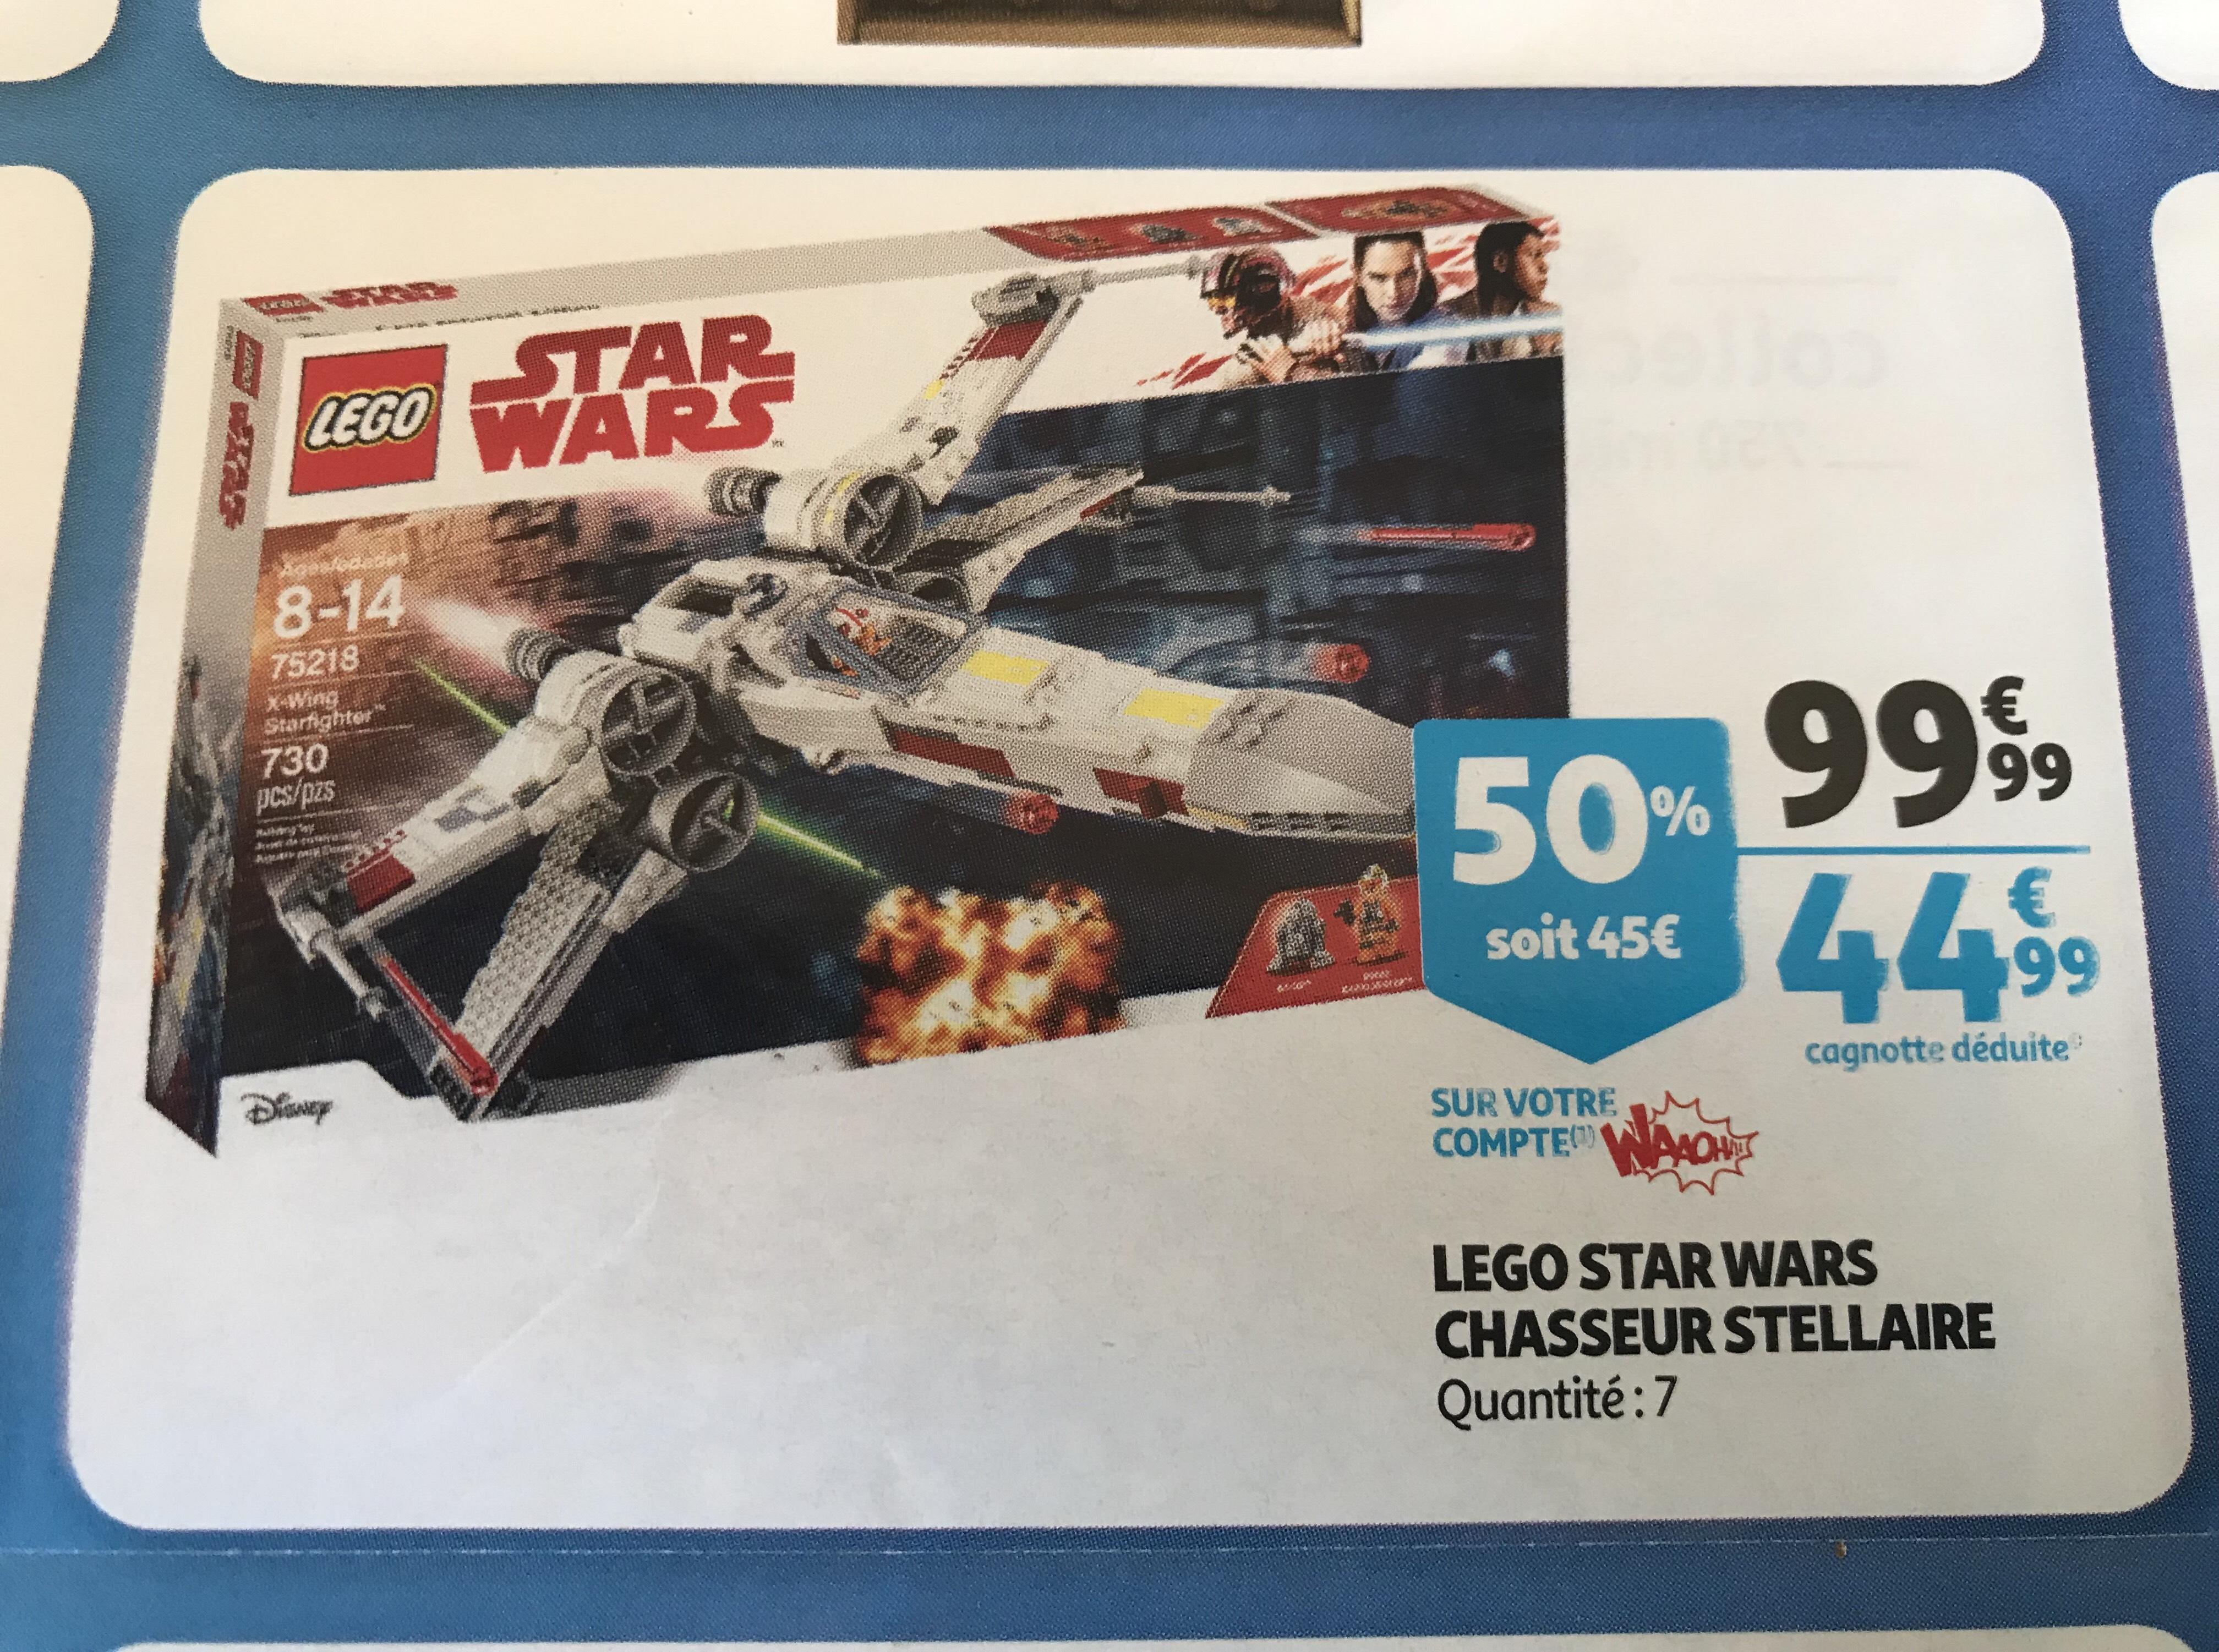 Jouet Lego Star Wars Chasseur stellaire X-Wing Starfighter - 75218 (via 45€ sur la carte de fidélité) - La Seyne-sur-Mer (83)